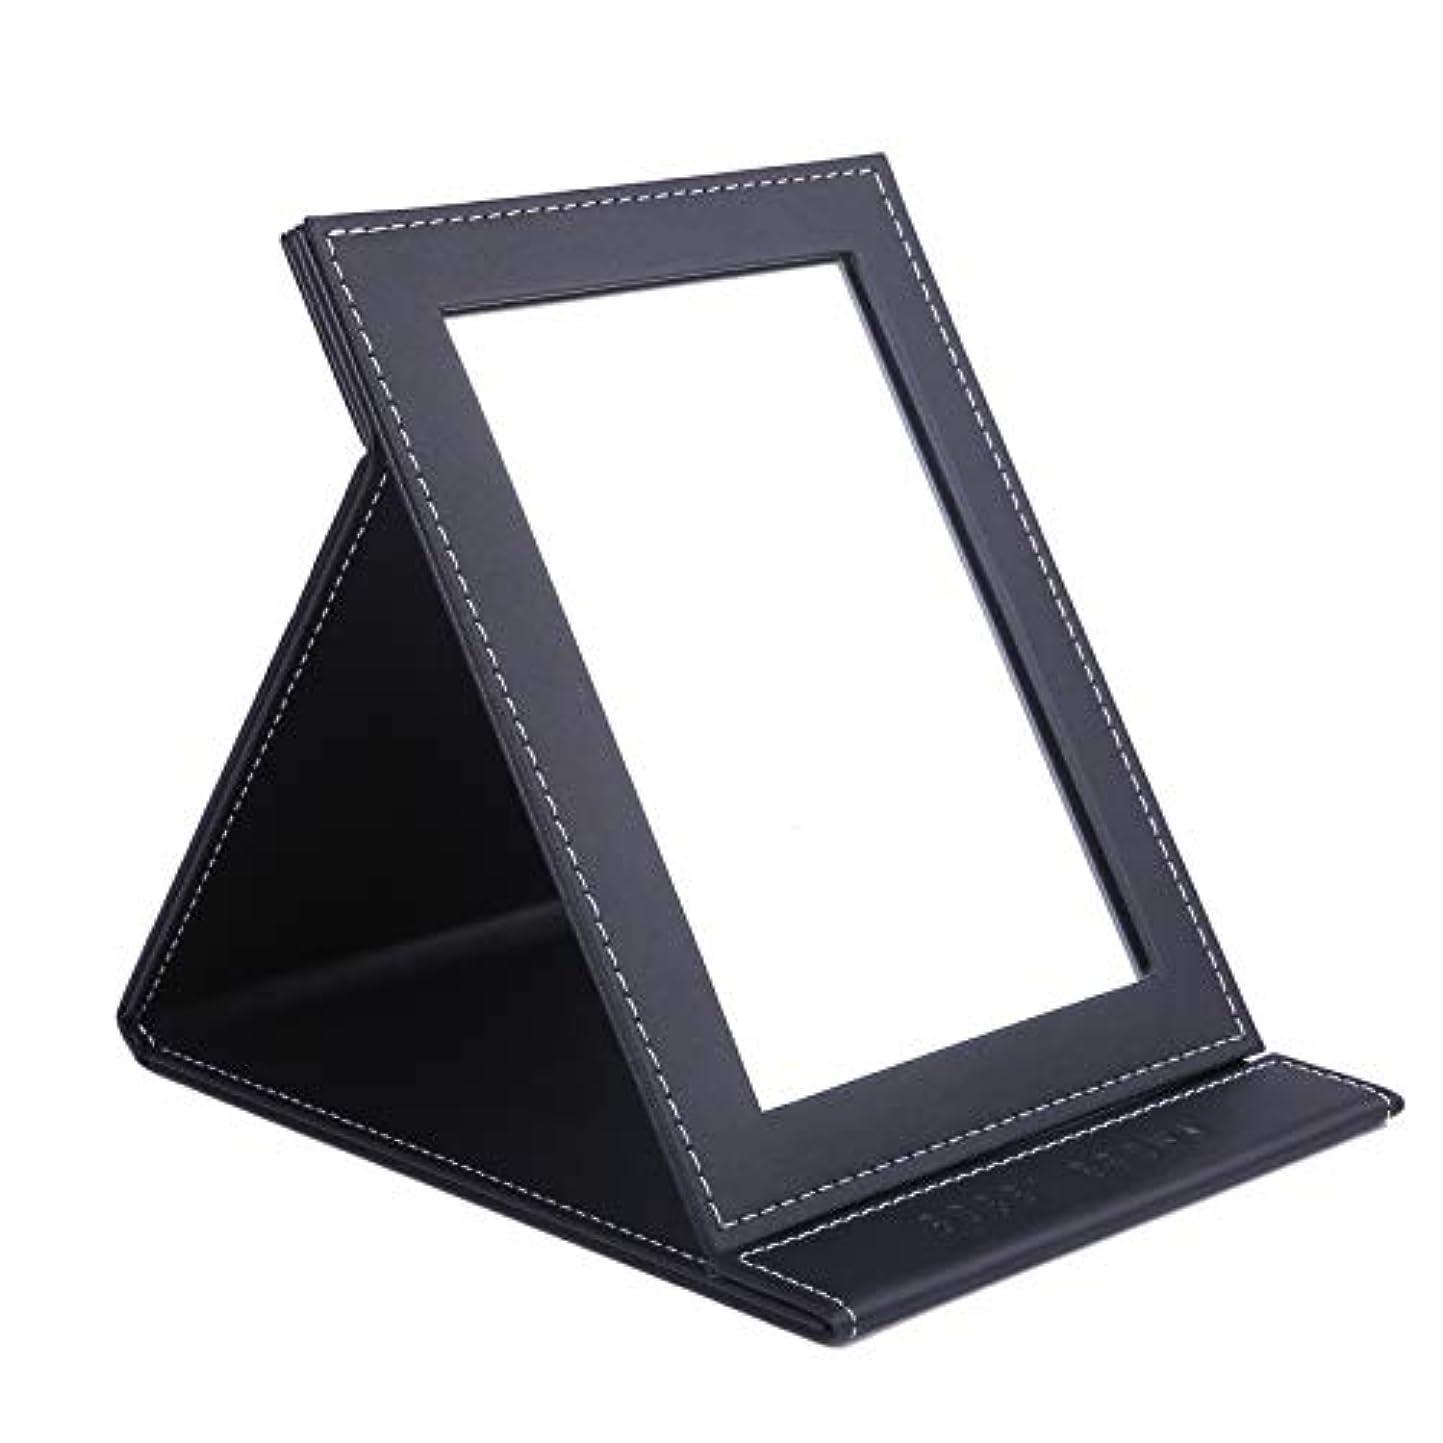 期限切れアスリート対処[スプレンノ] 折立ミラー 卓上ミラー 折り畳みミラー 折りたたみ式 化粧鏡 レザー仕上げ (L)